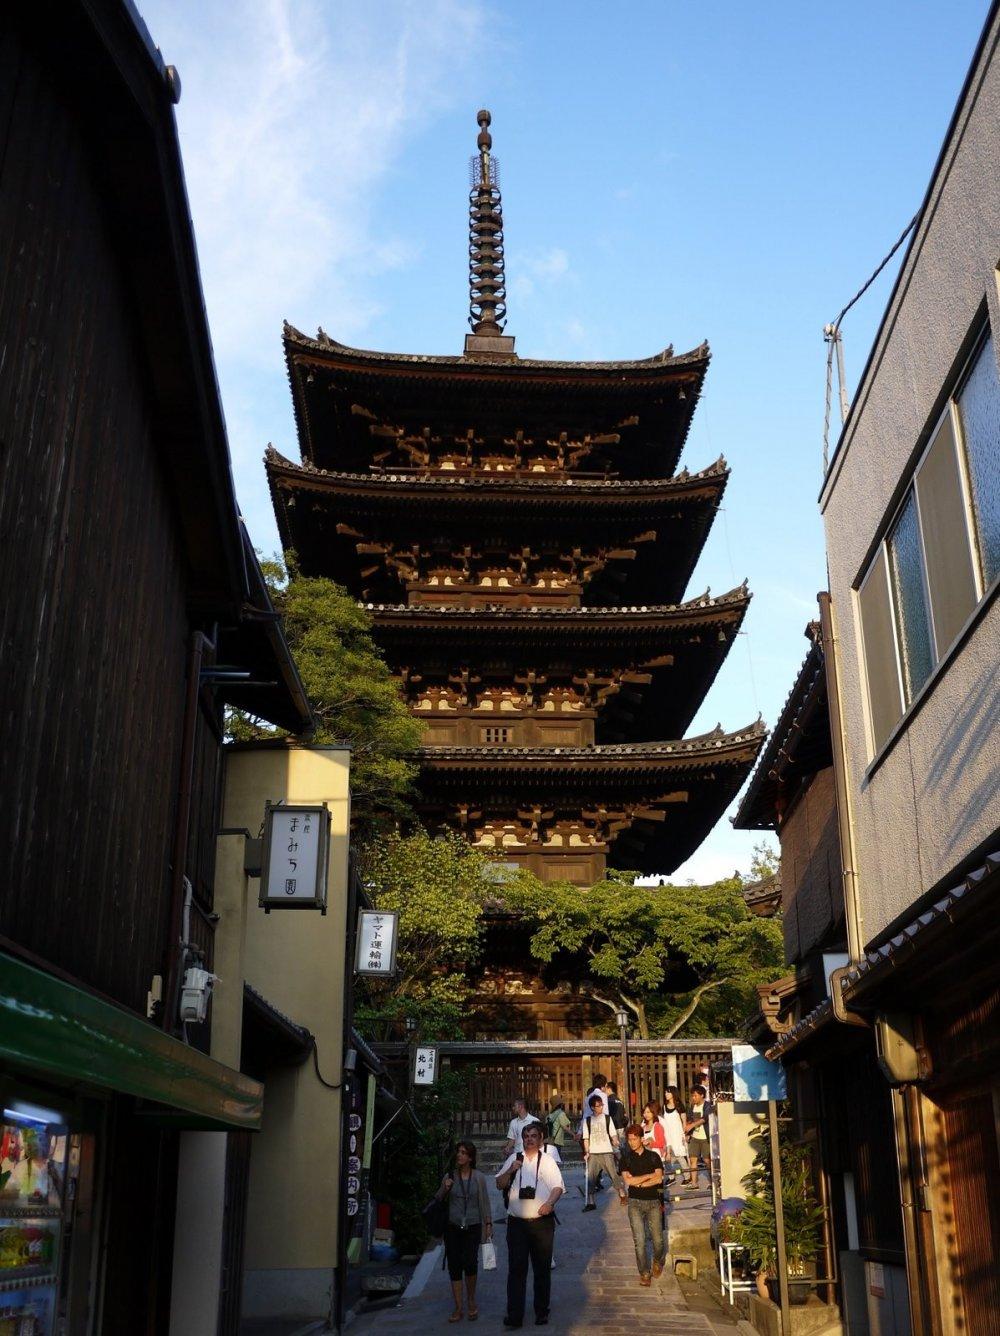 La pagode Yasaka domine la rue